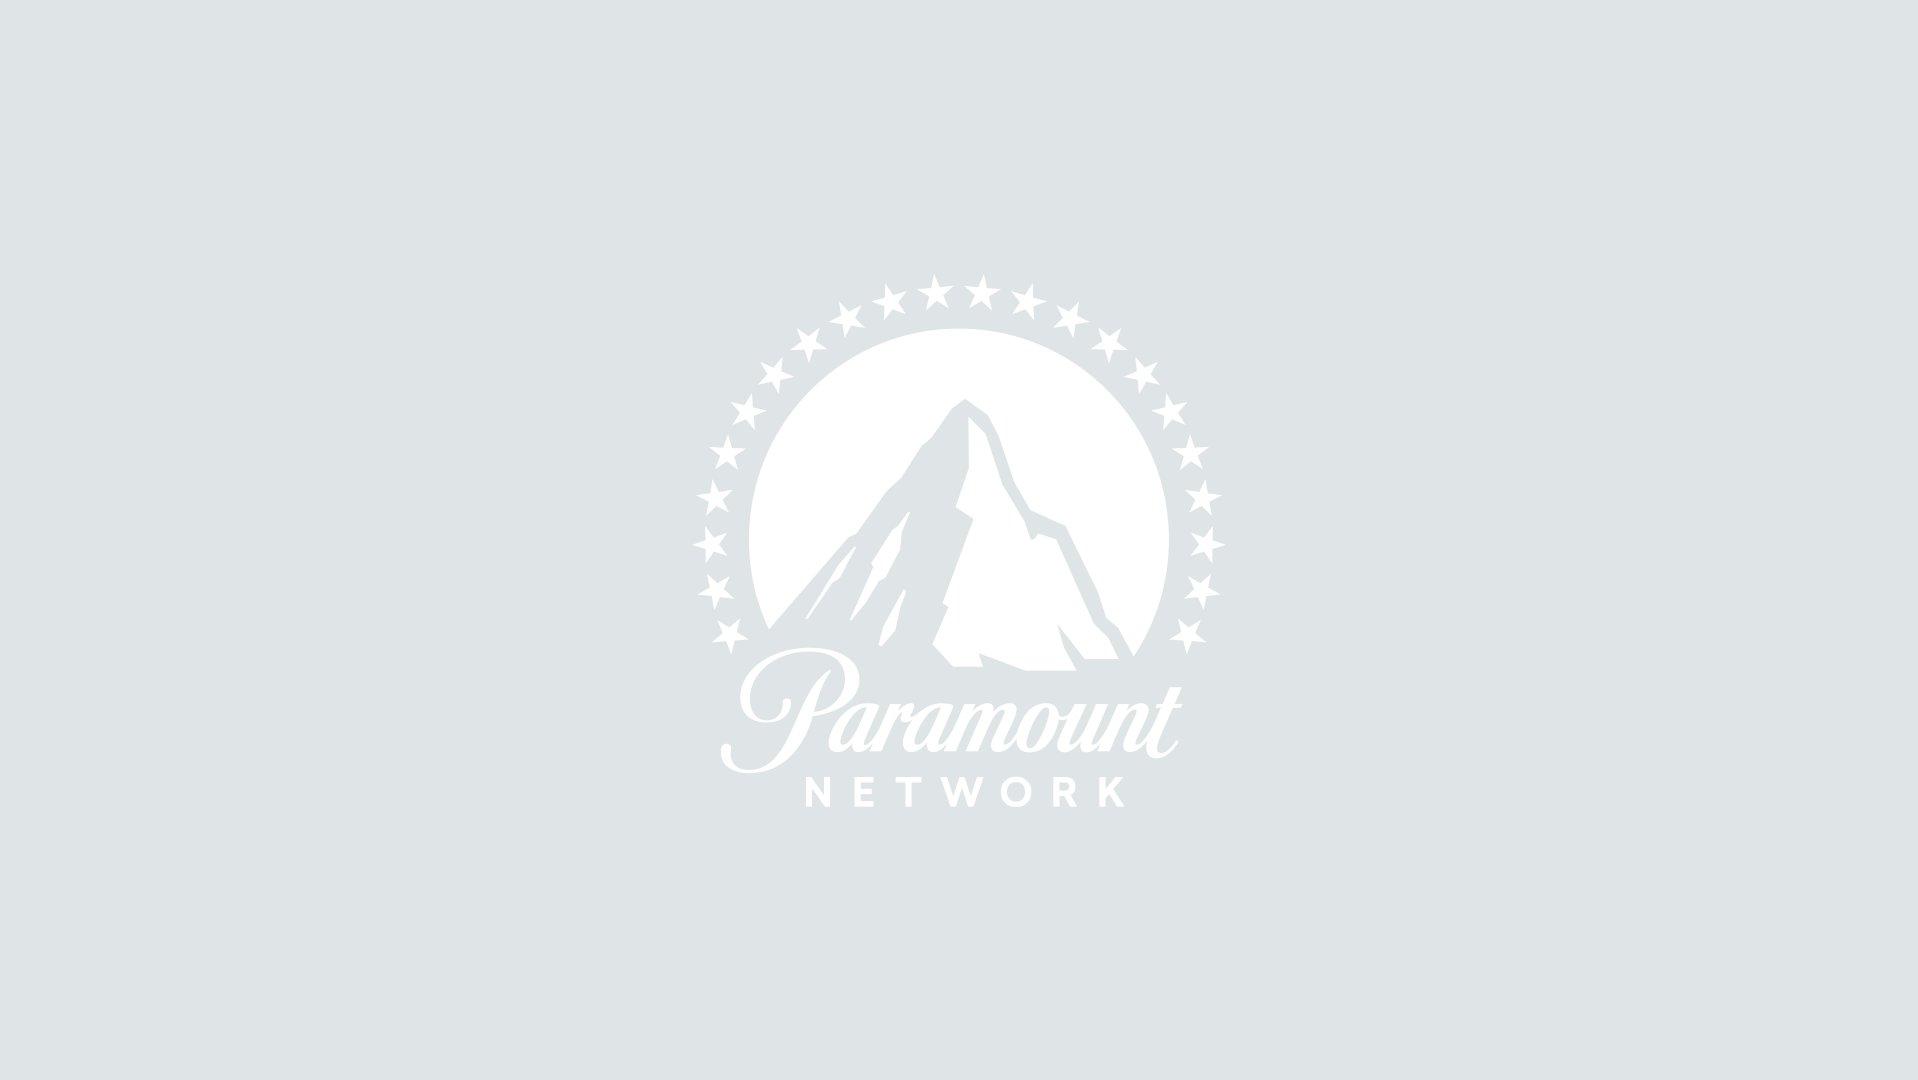 Izzie e Denny (Grey's Anatomy), foto: Getty Images